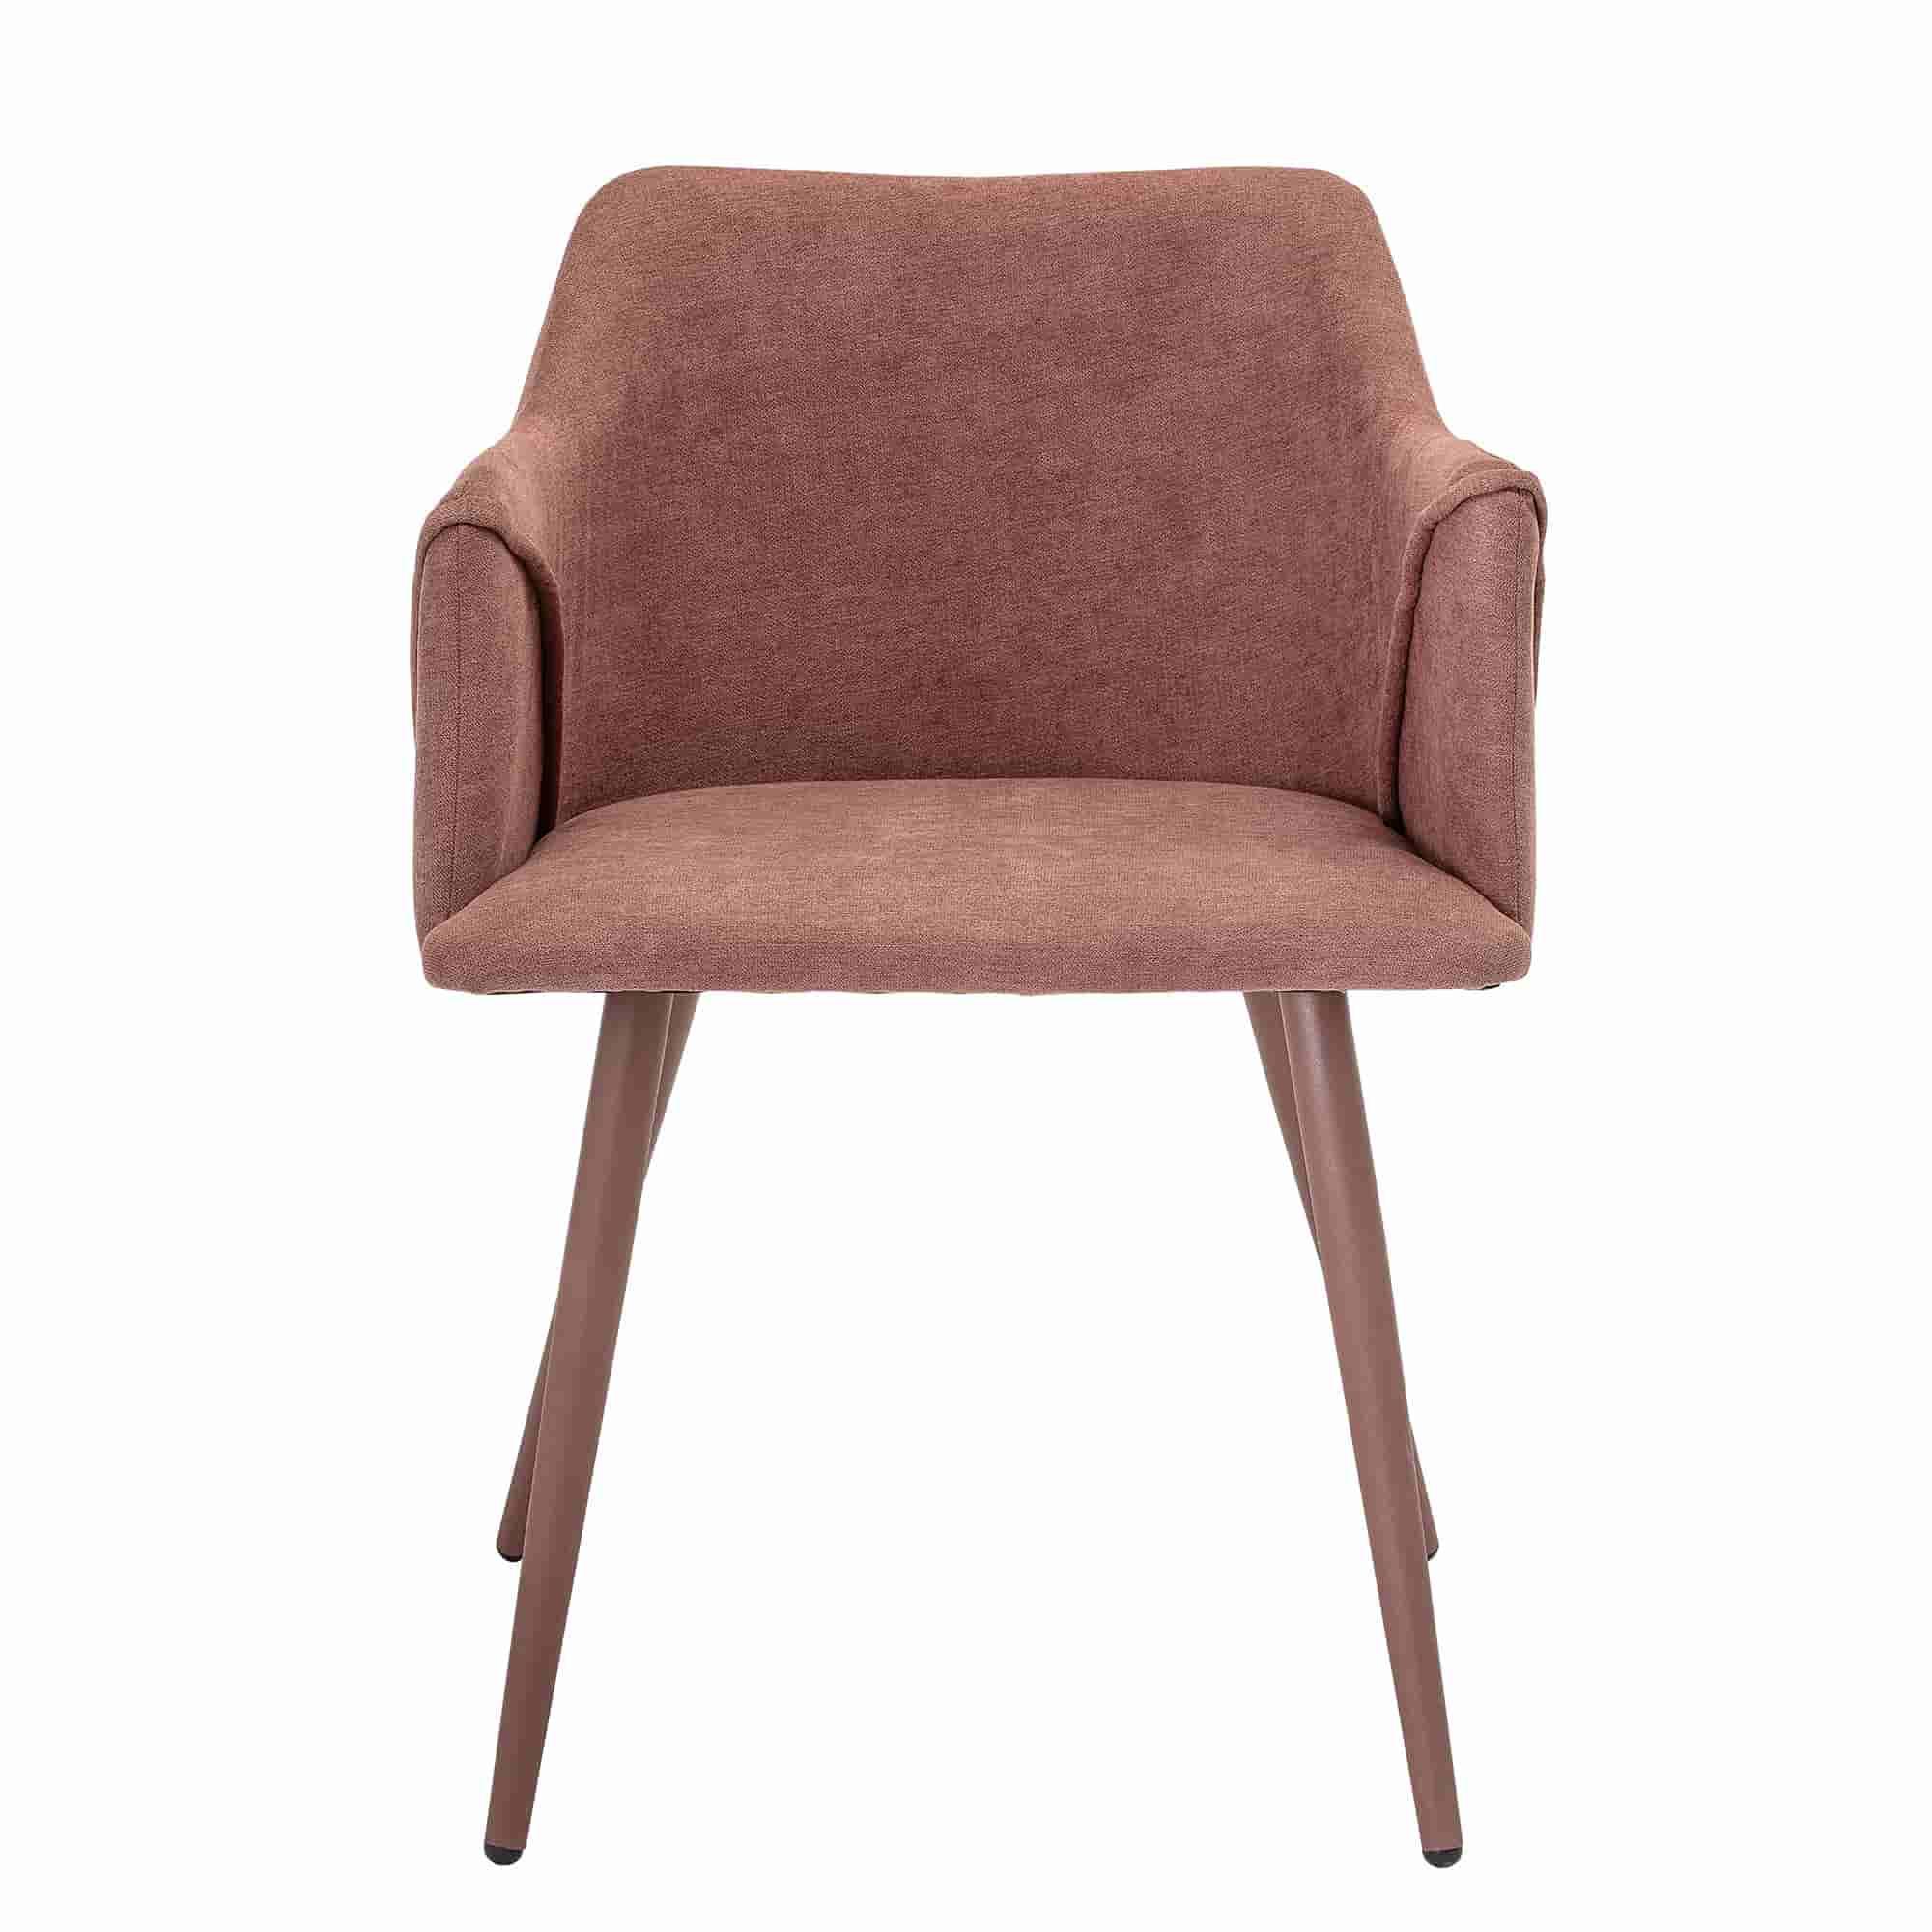 Bloomingville volo spisebordsstol - rosa polyester/metal, m. armlæn fra bloomingville fra boboonline.dk